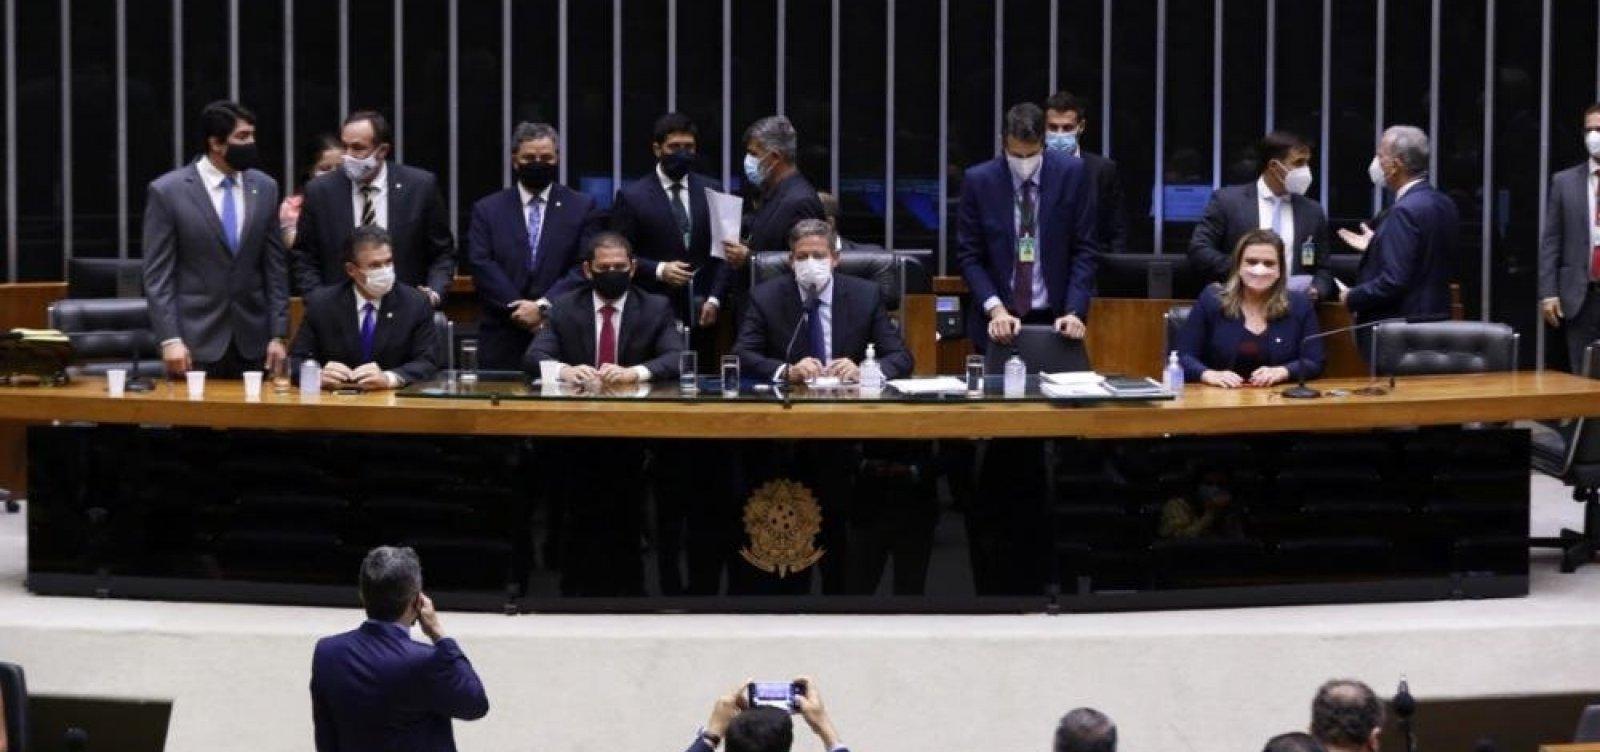 Câmara dos Deputados elege Mesa Diretora para mandato de dois anos